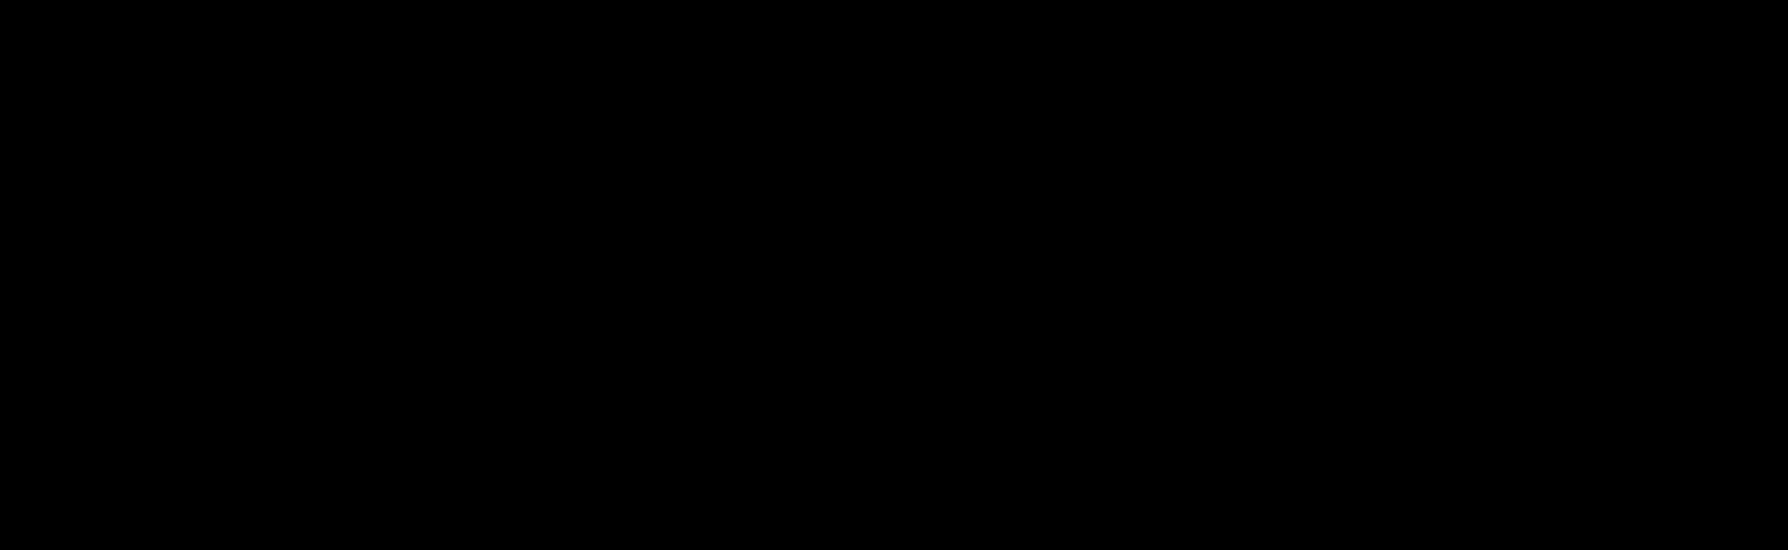 Oleoylethanolamine